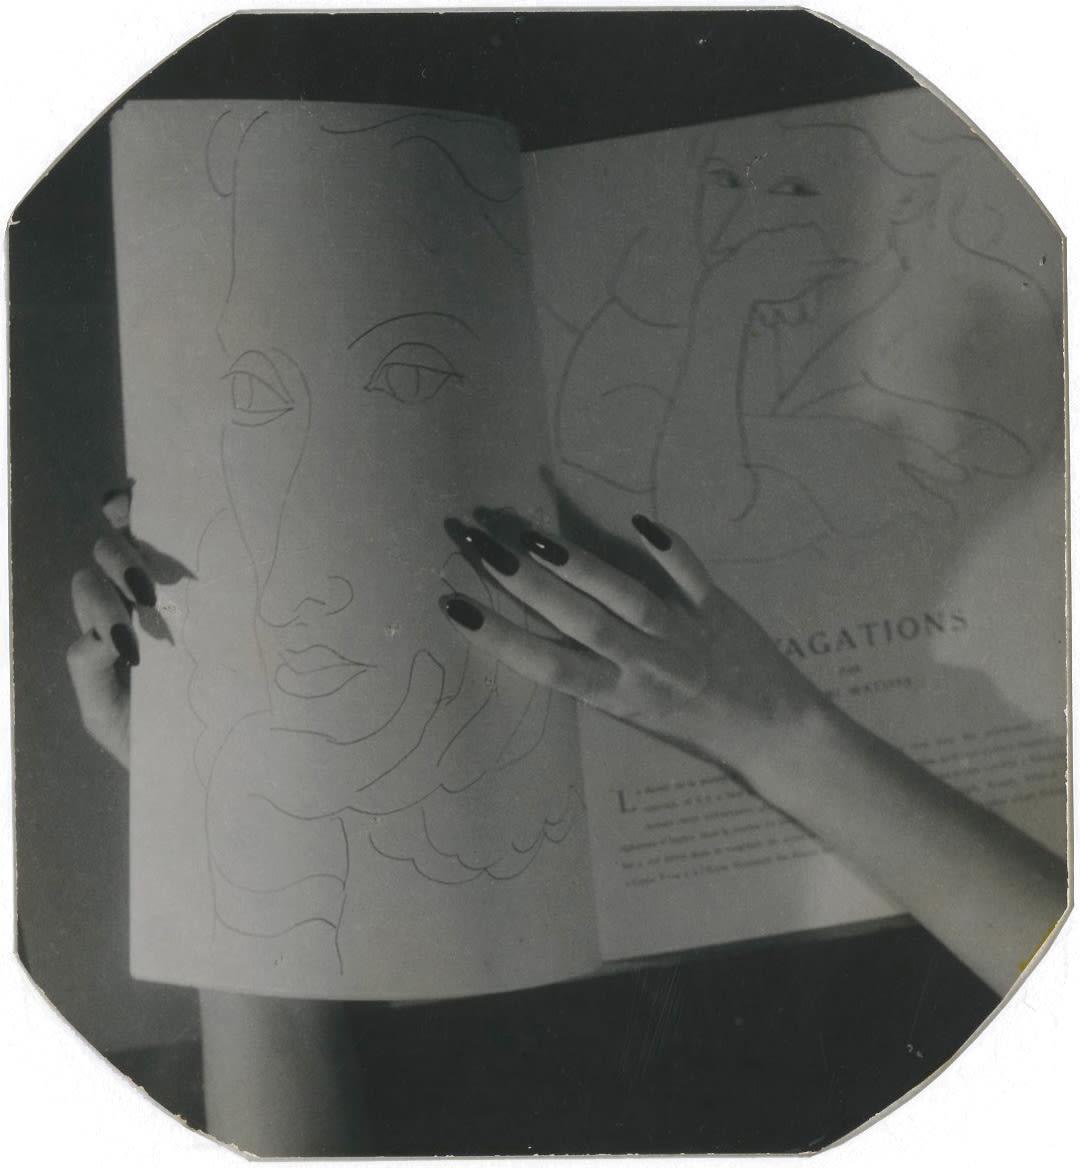 Jacques-Henri Lartigue, Les mains de Florette aux dessins de Matisse, 1944